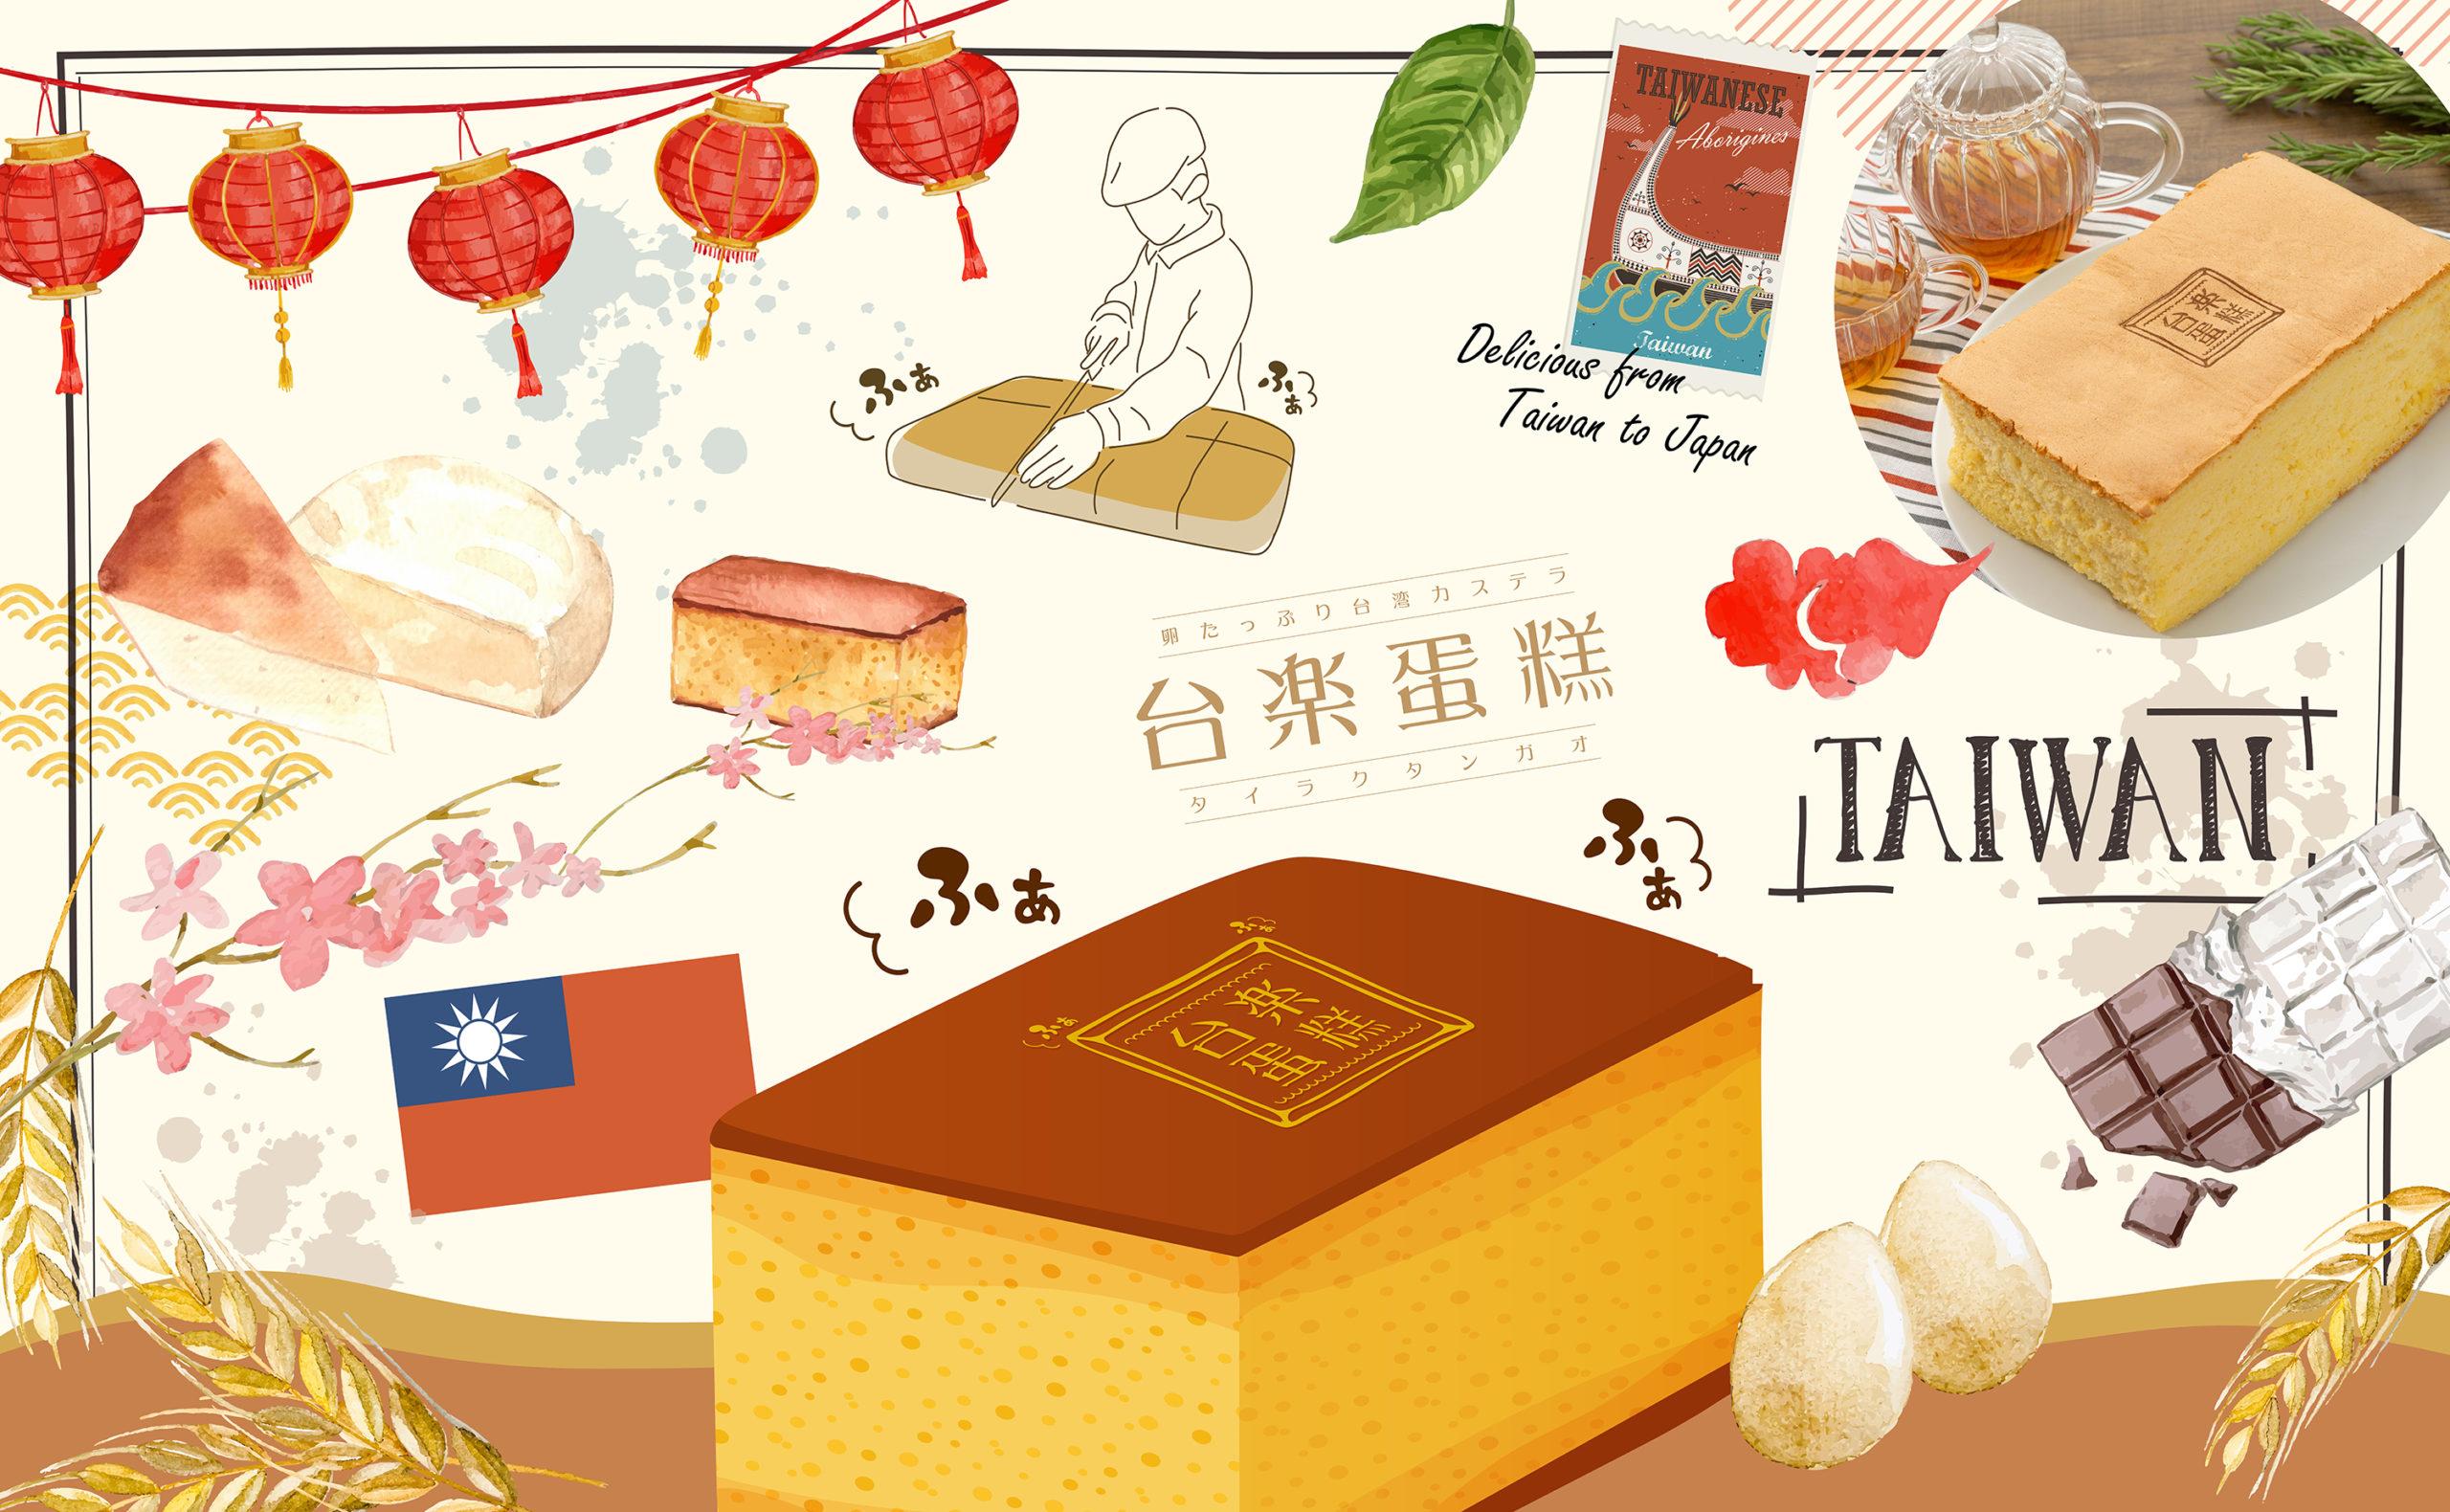 本場の製法にトコトンこだわった台湾カステラ「銀座 台楽蛋糕(タイラクタンガオ)」が、福岡三越に10月5日から11日まで期間限定オープン